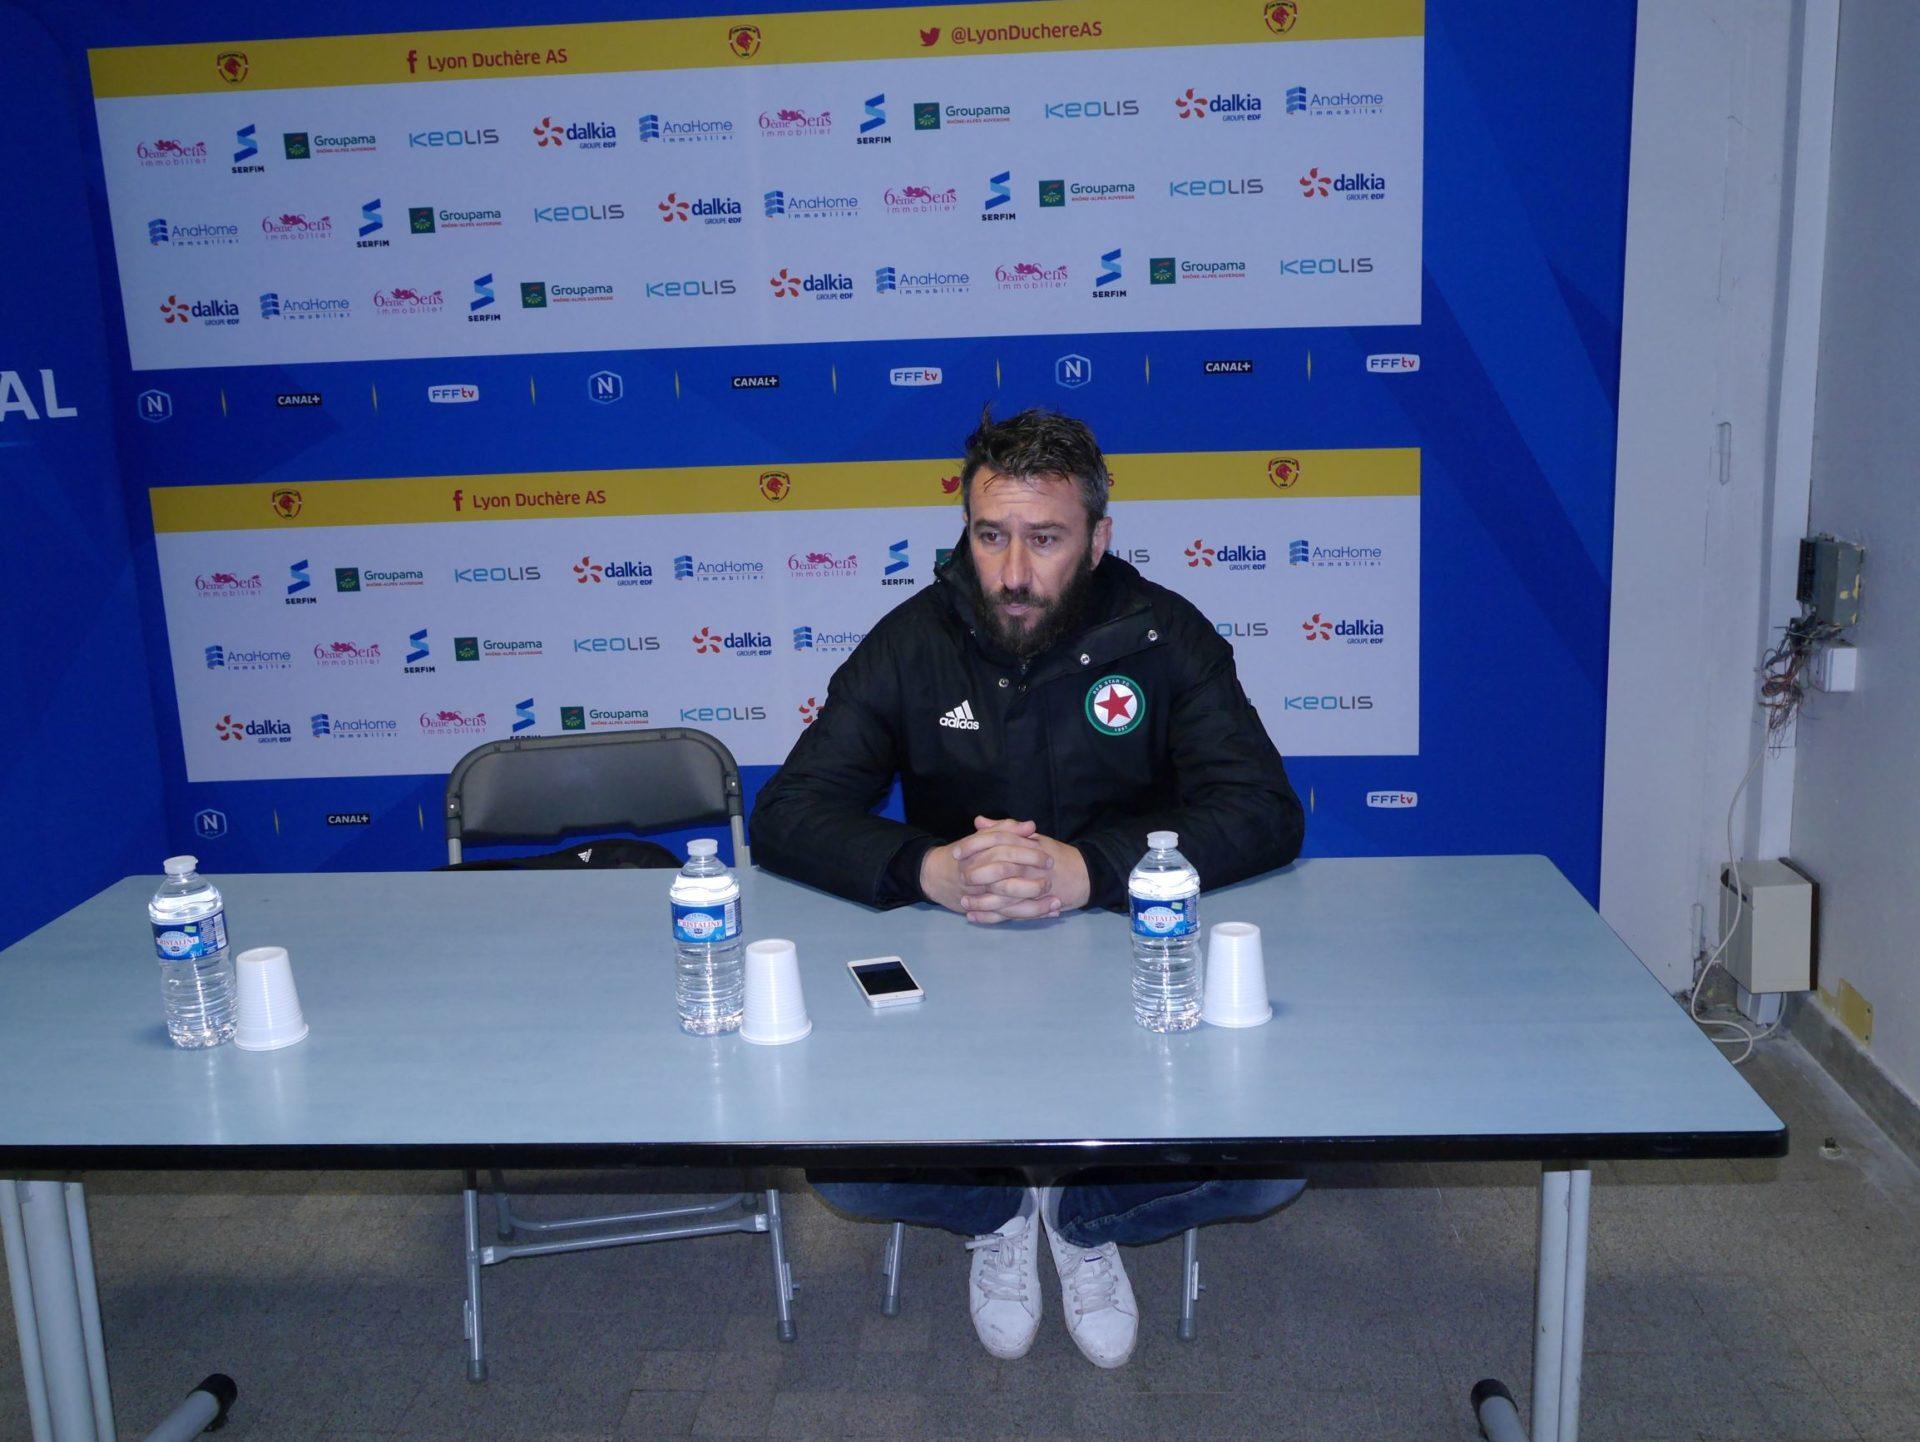 L'entraîneur du Red Star est apparu très remonté après la défaite des siens 3-1. Crédit photo : Hugo Dervissoglou / LBB